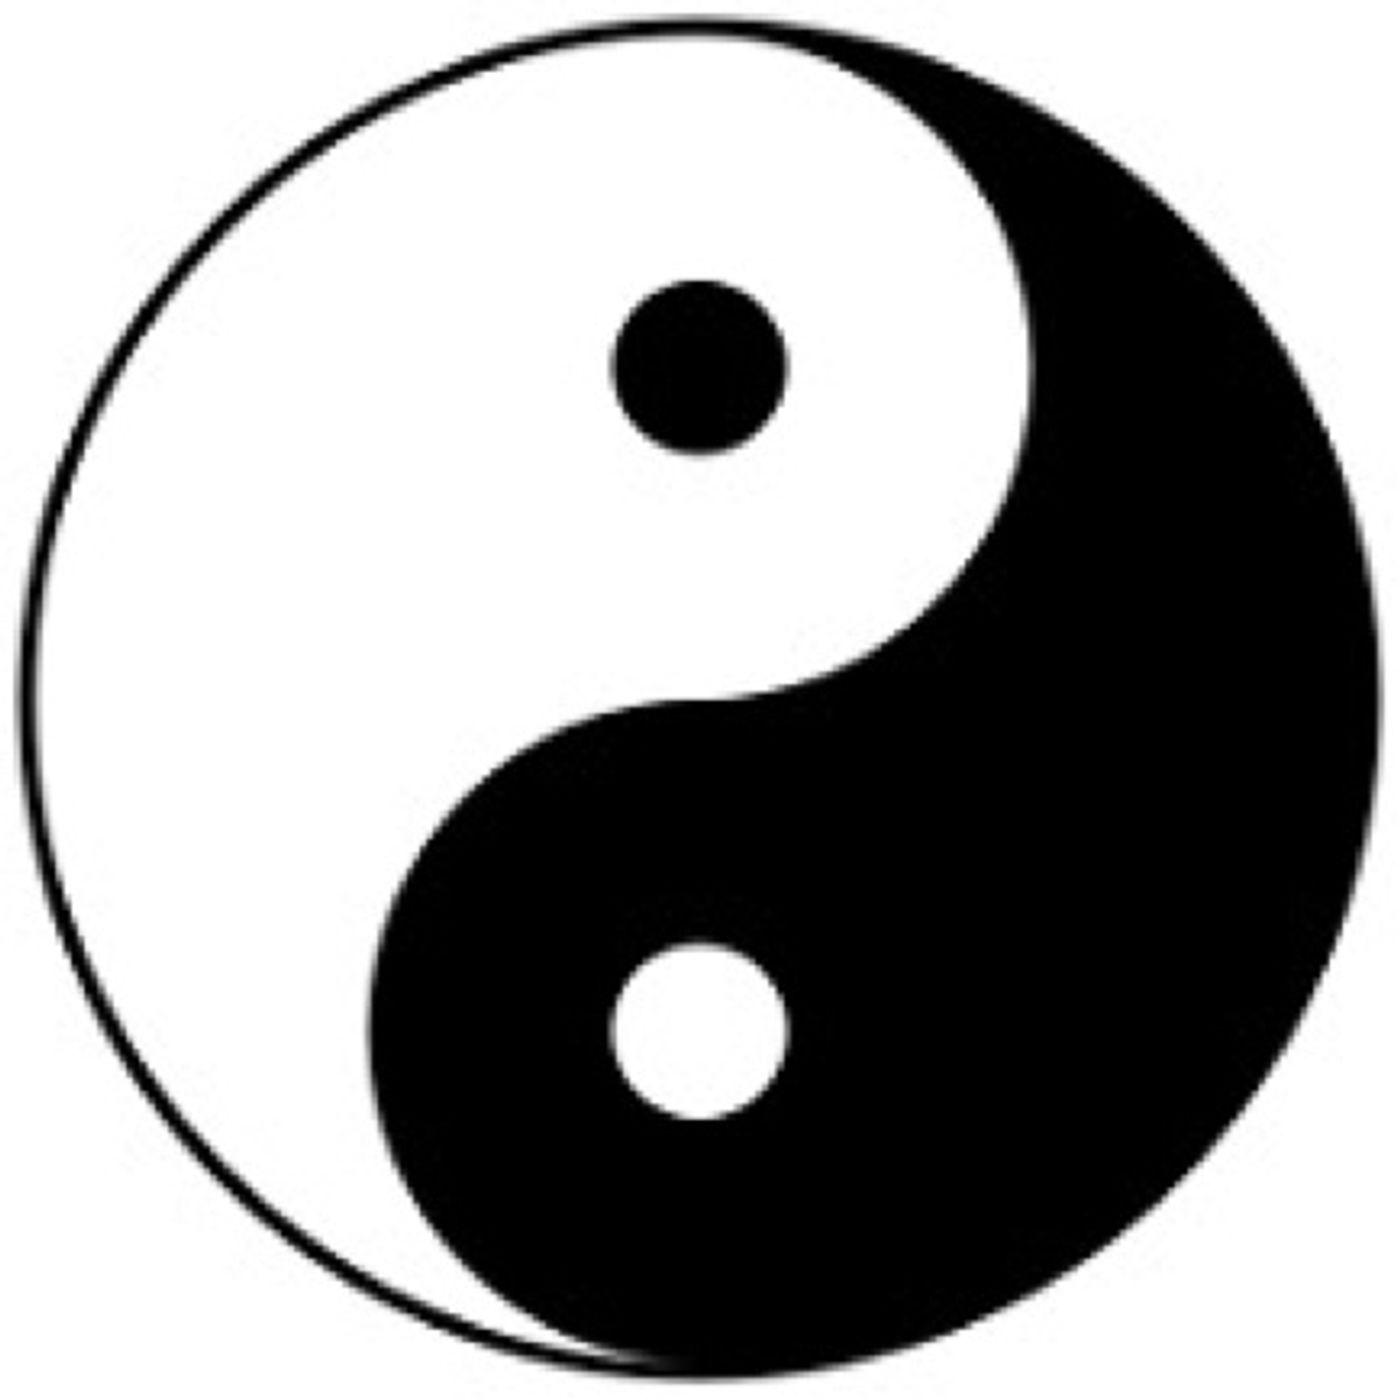 Le contraddizioni del Taoismo